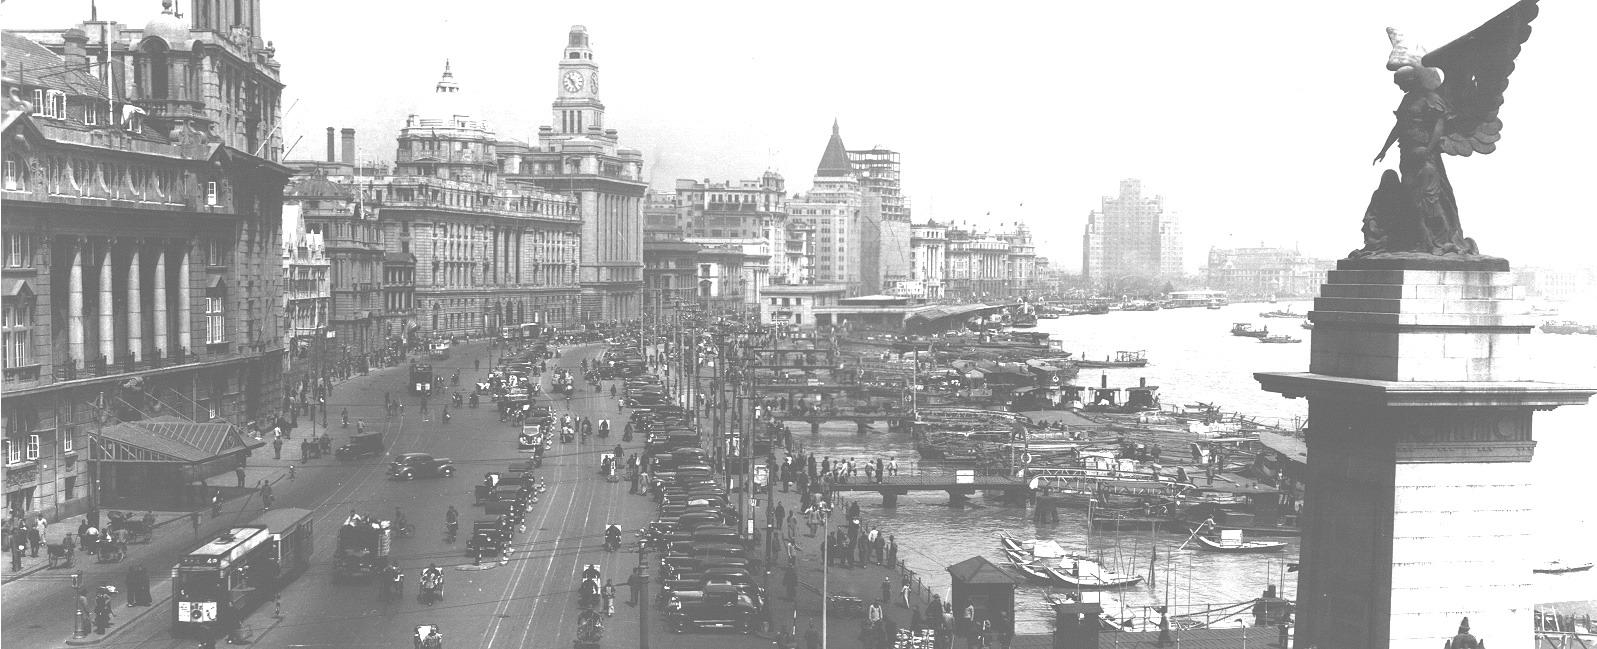 1930 Shanghai